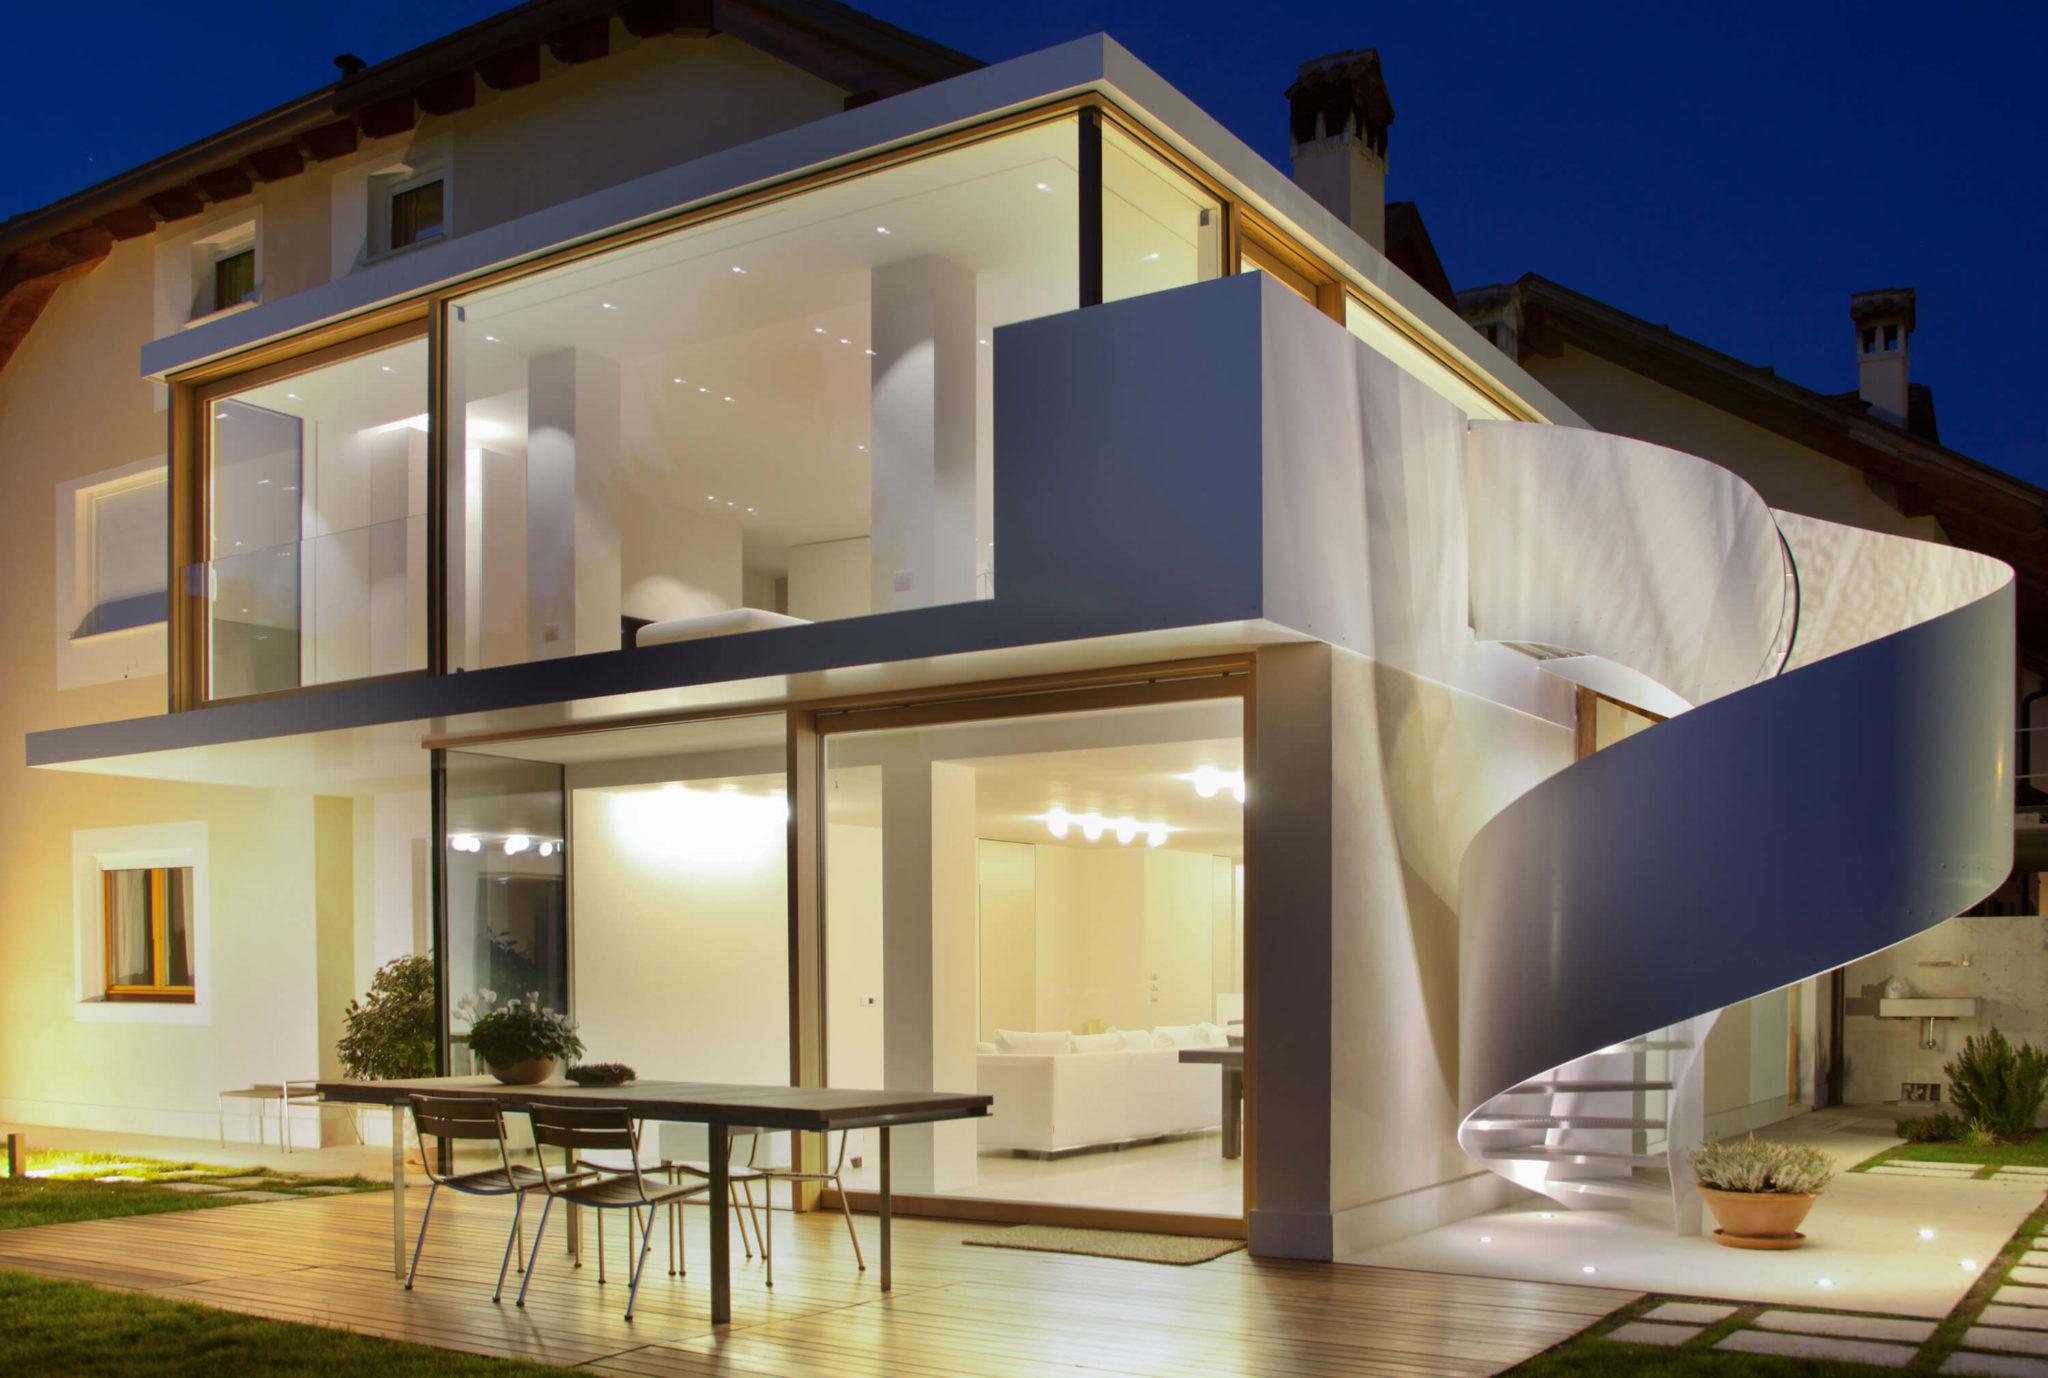 Illuminare casa senza lampadari a sospensione come fare for Lampadari casa classica